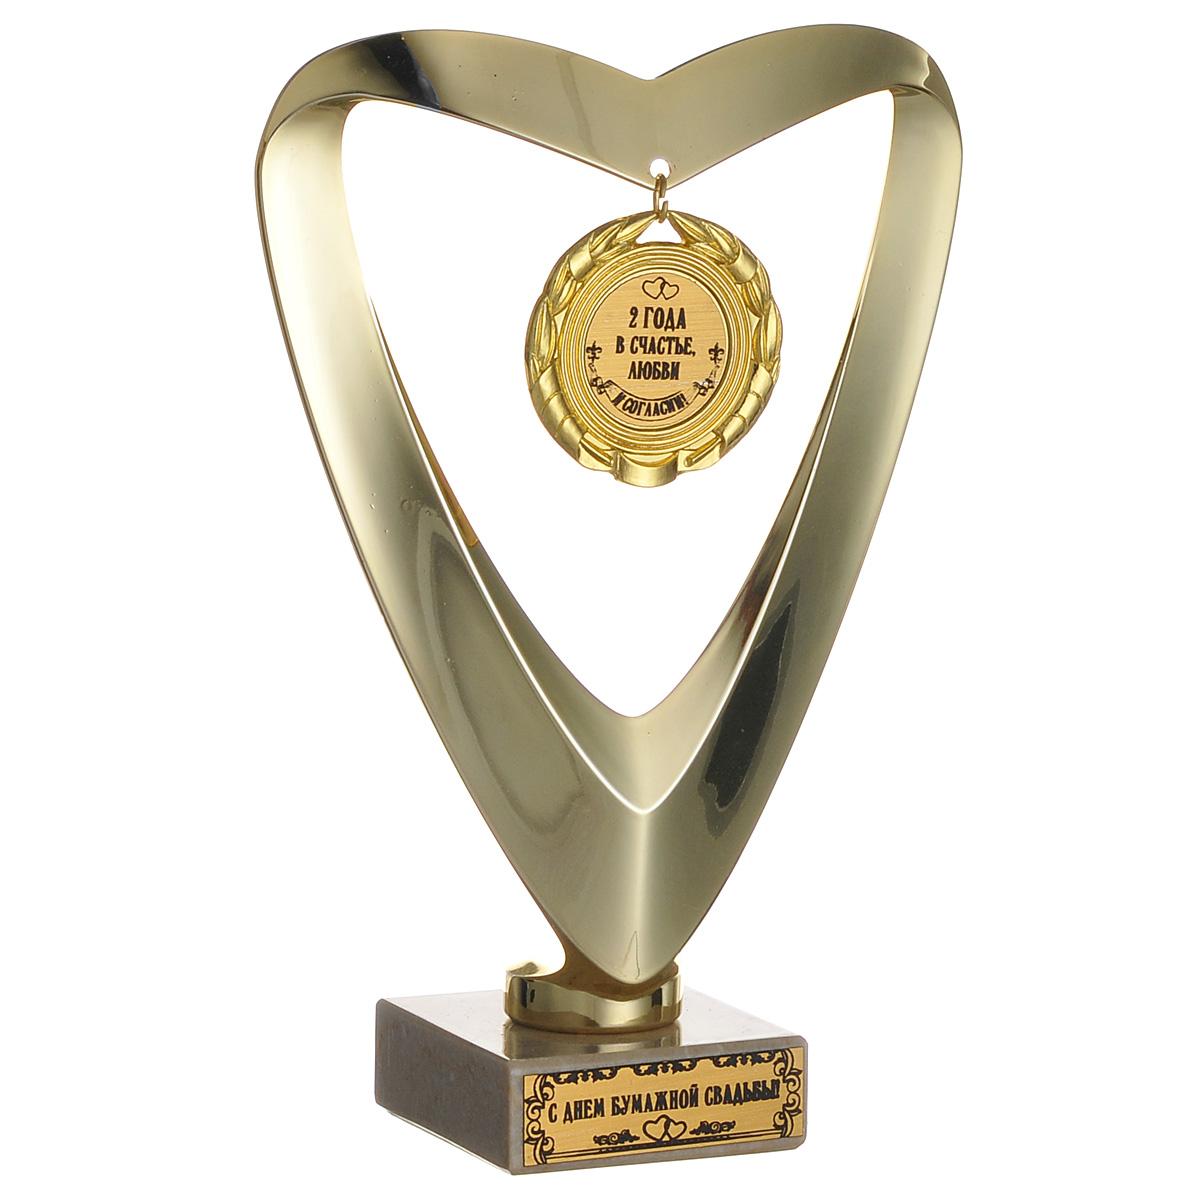 Кубок 2 года в счастье, любви и согласии, высота 15 см030501022Кубок 2 года в счастье, любви и согласии станет замечательным сувениром. Кубок выполнен из пластика с золотистым покрытием. Основание изготовлено из искусственного мрамора. Такой кубок обязательно порадует получателя, вызовет улыбку и массу положительных эмоций.